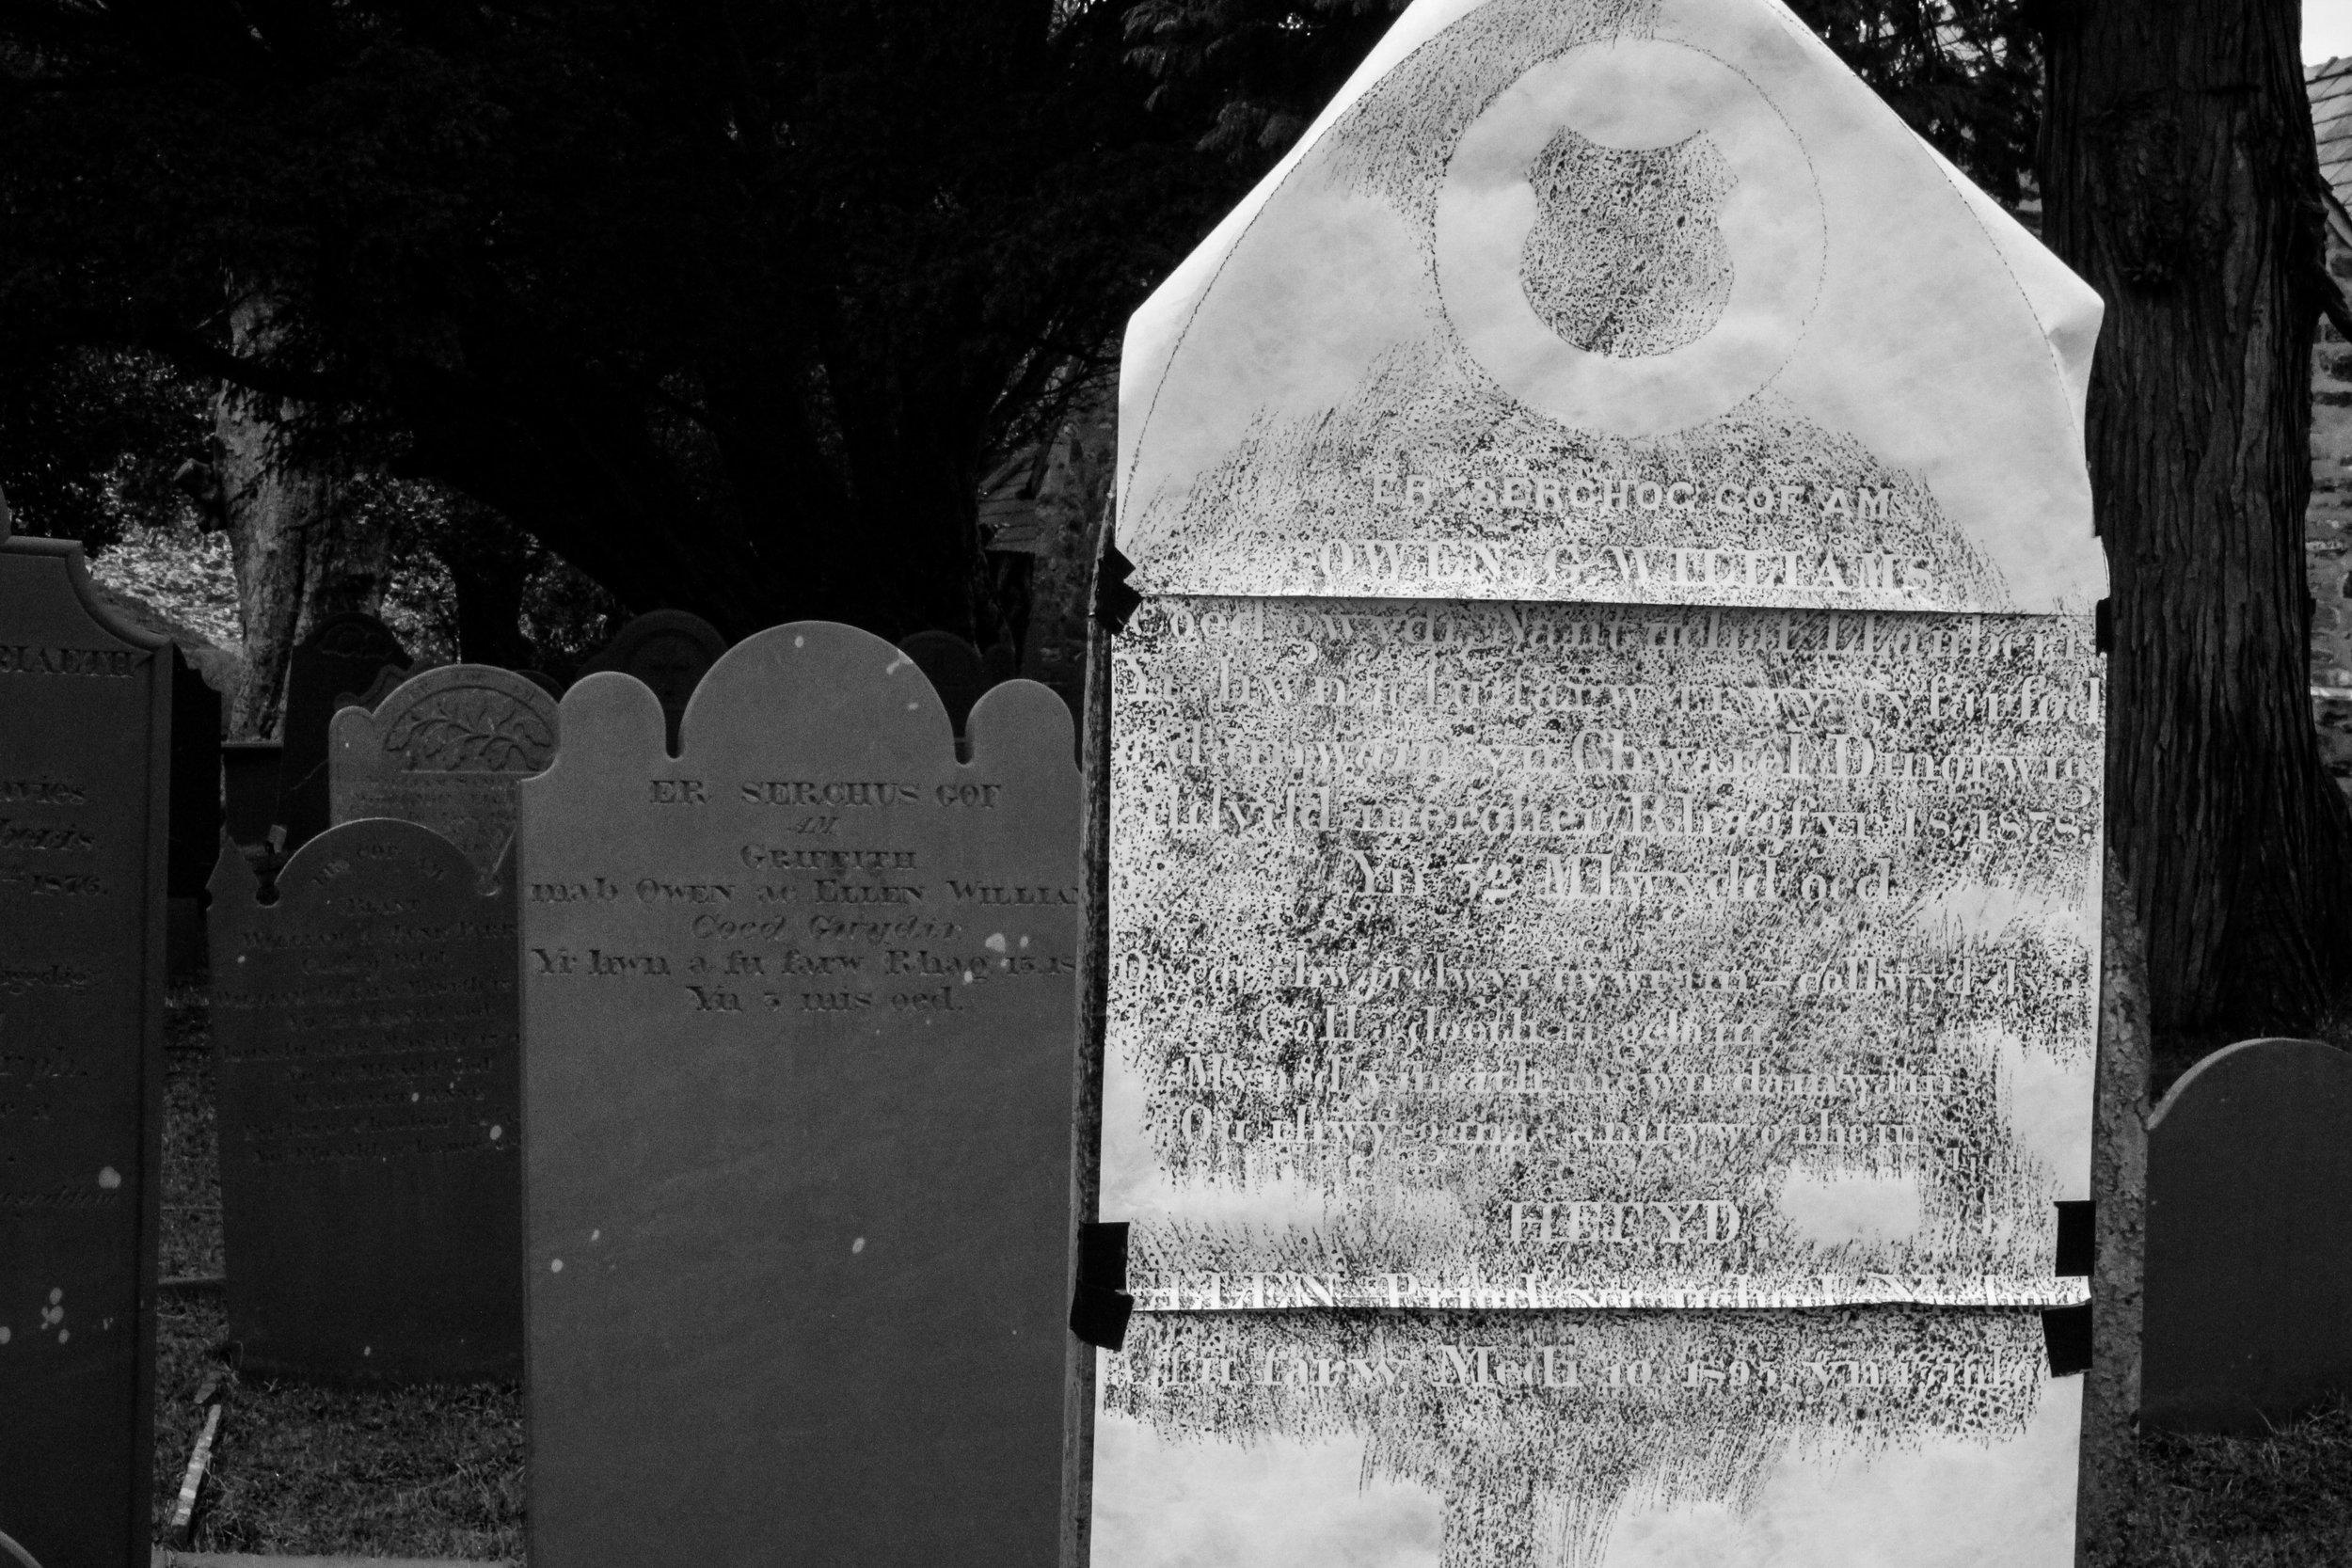 Er serchog cof am OWEN G WILLIAMS. Coed Gwydr, Nant uchaf Llanberis. Yr hwn'n fu farw trwy gyfarfod ddamwain yn Chwarel Dinorwig dydd mercher Rhagfyr 18, 1878 Yn 32 mlwydd oedd.  In loving memory of OWEN G WILLIAMS. Coed Gwydr, Nant uchaf Llanberis who died by meeting an accident in the Dinorwig Quarry wednesday December 18, 1878 At 32 years of age.